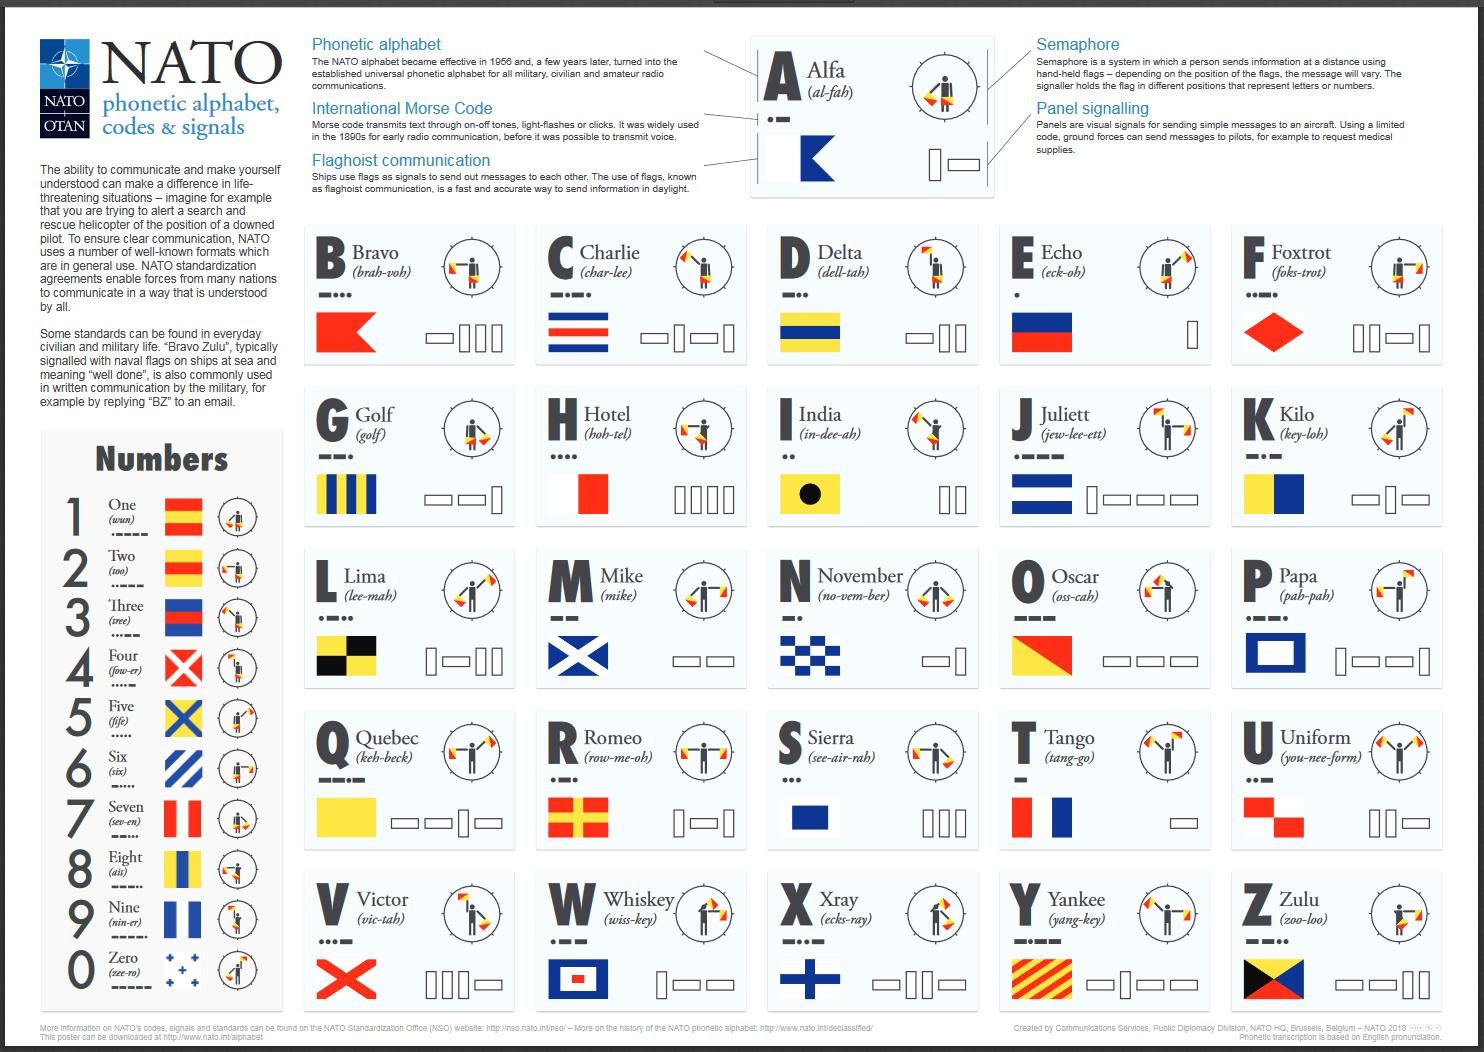 NATO_Phonetic_Alphabet